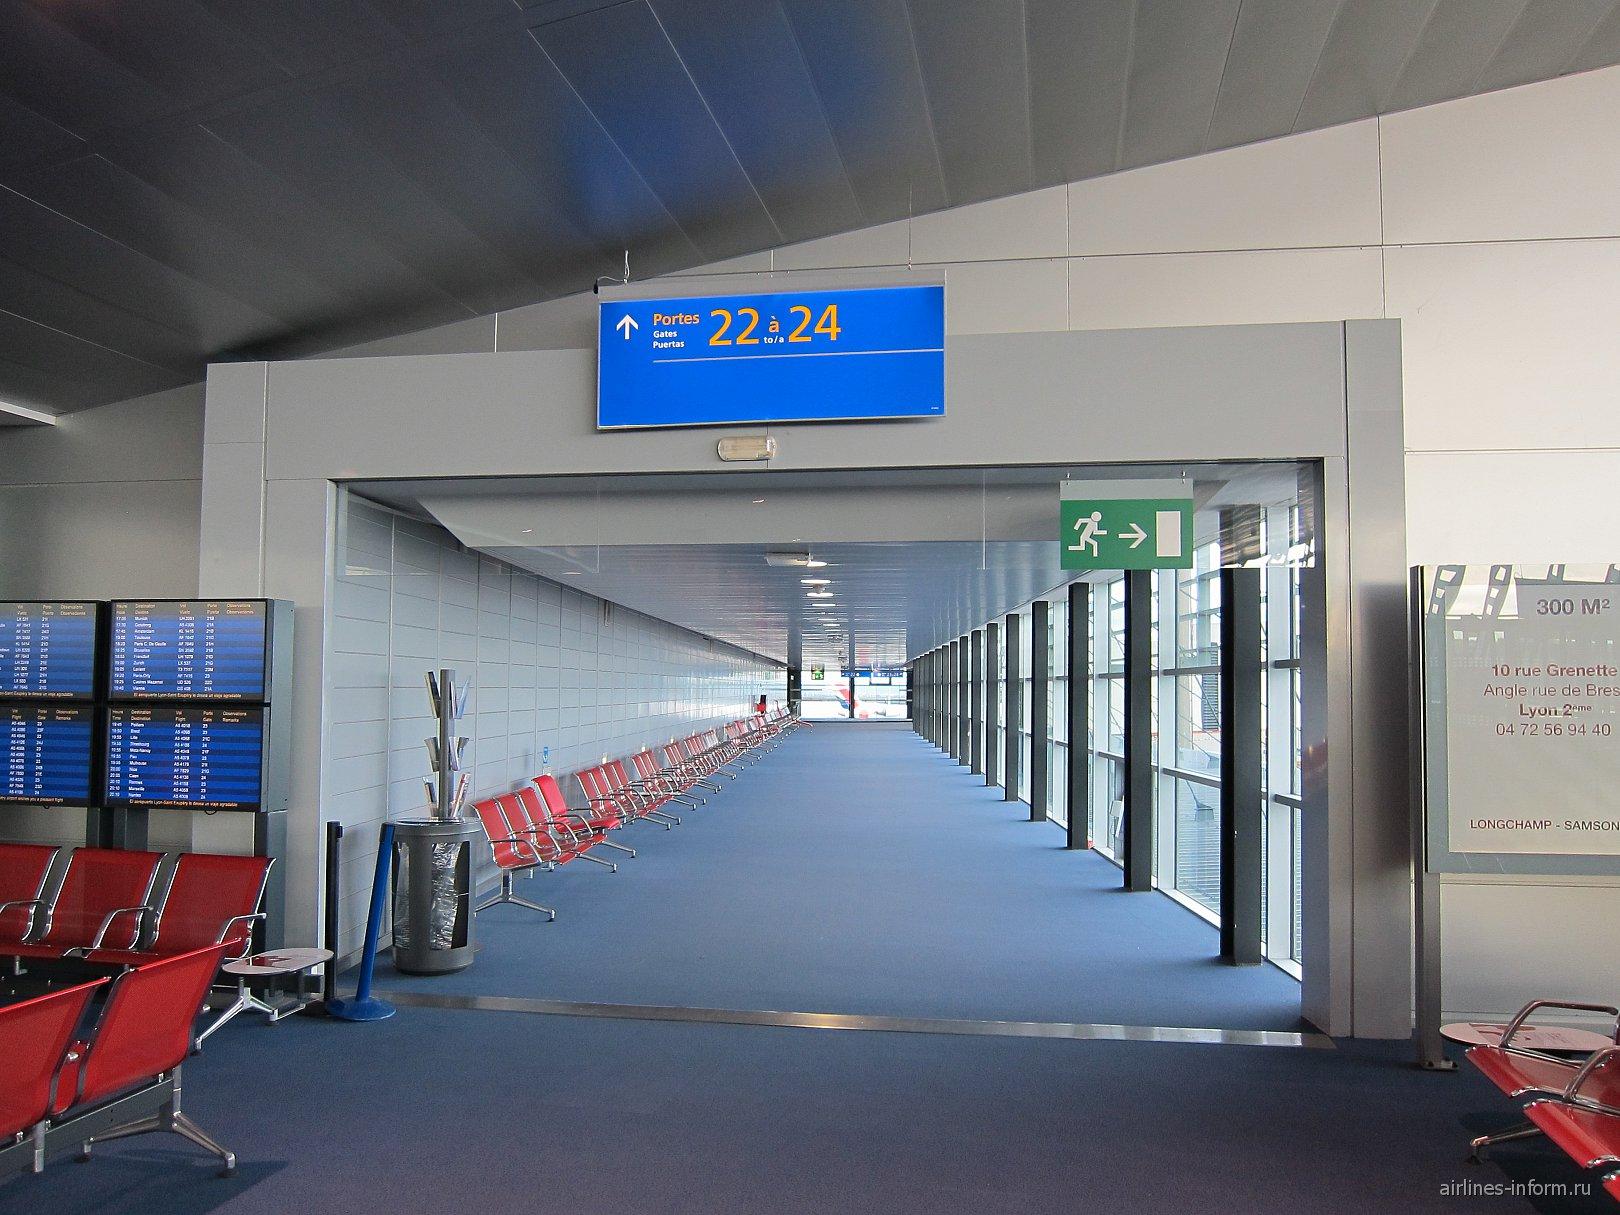 Галерея к выходам на посадку в терминале 2 аэропорта Лион Сент-Экзюпери